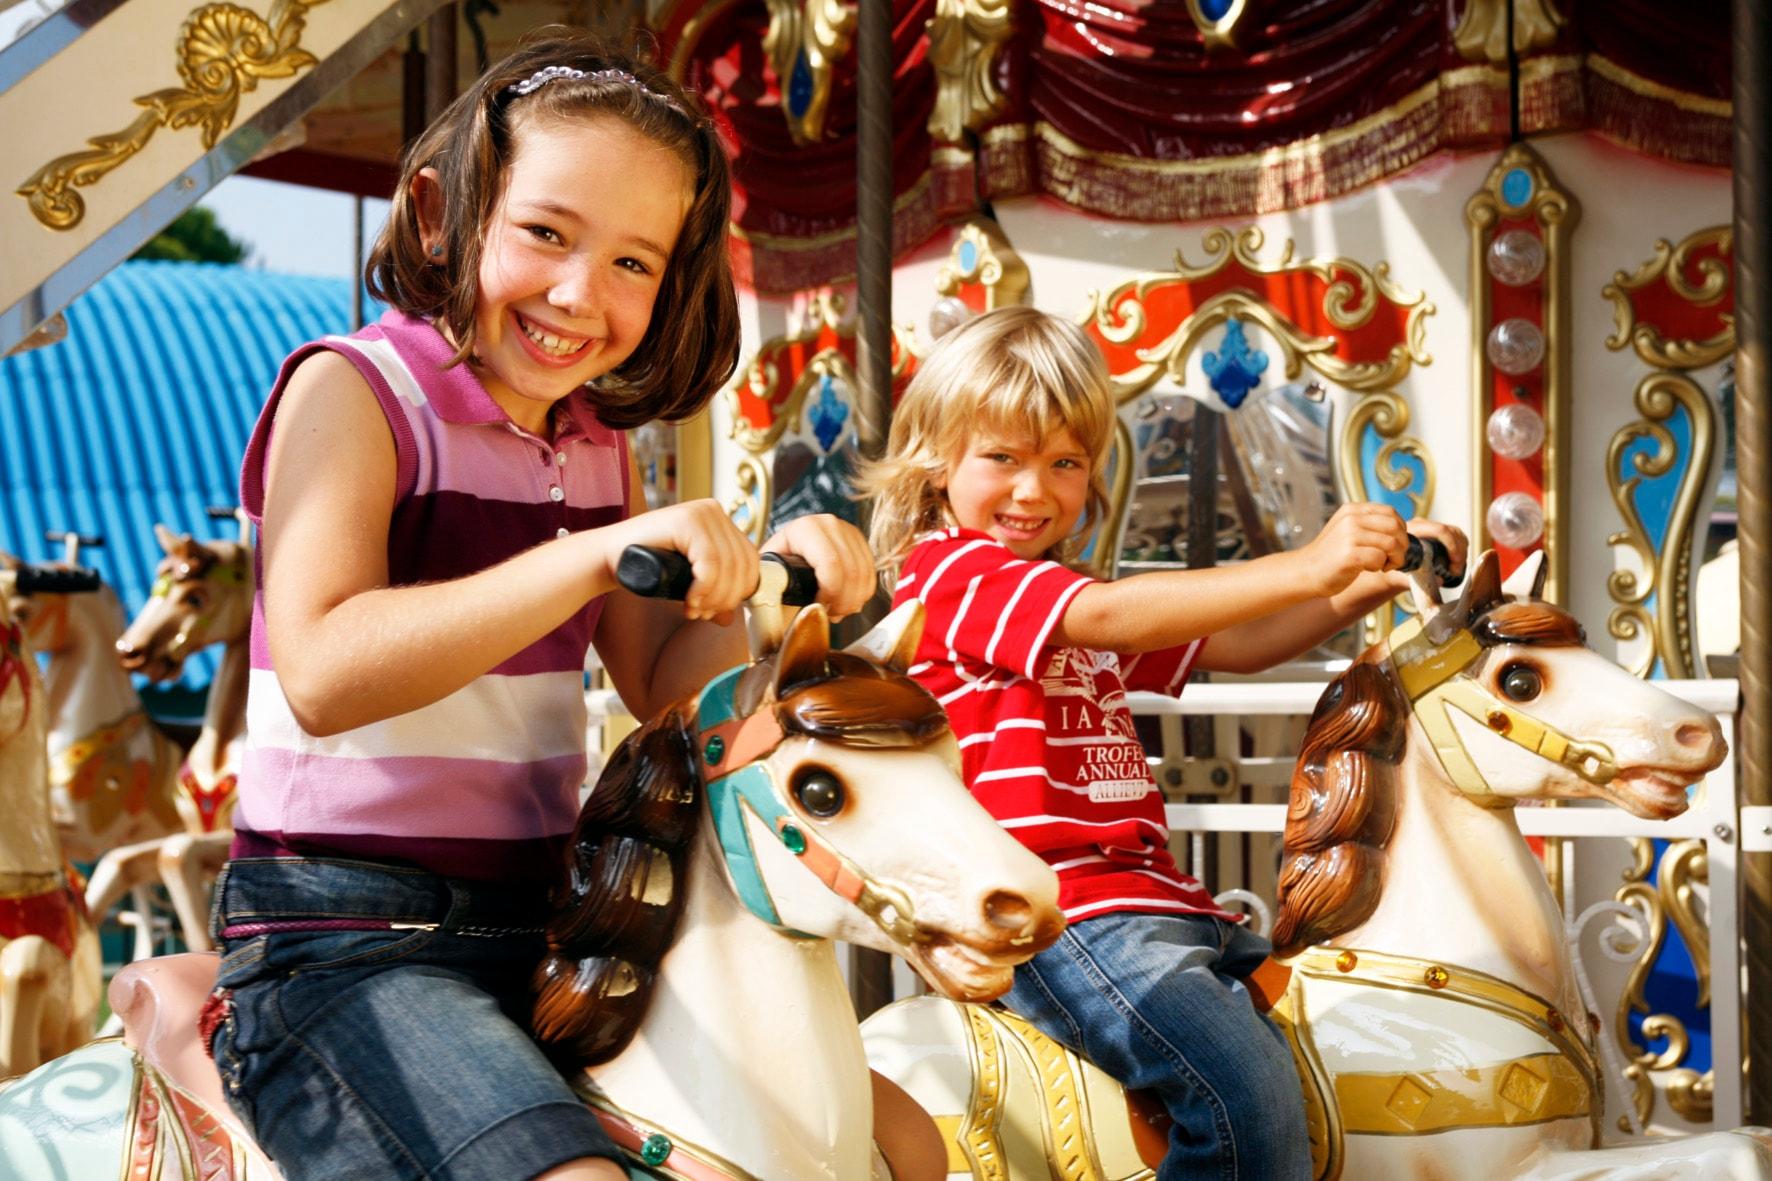 Biglietto d'ingresso per il parco divertimenti di Fiabilandia valido per 2 adulti e 1 bambino a 53€ nei giorni di sabato e festivi !